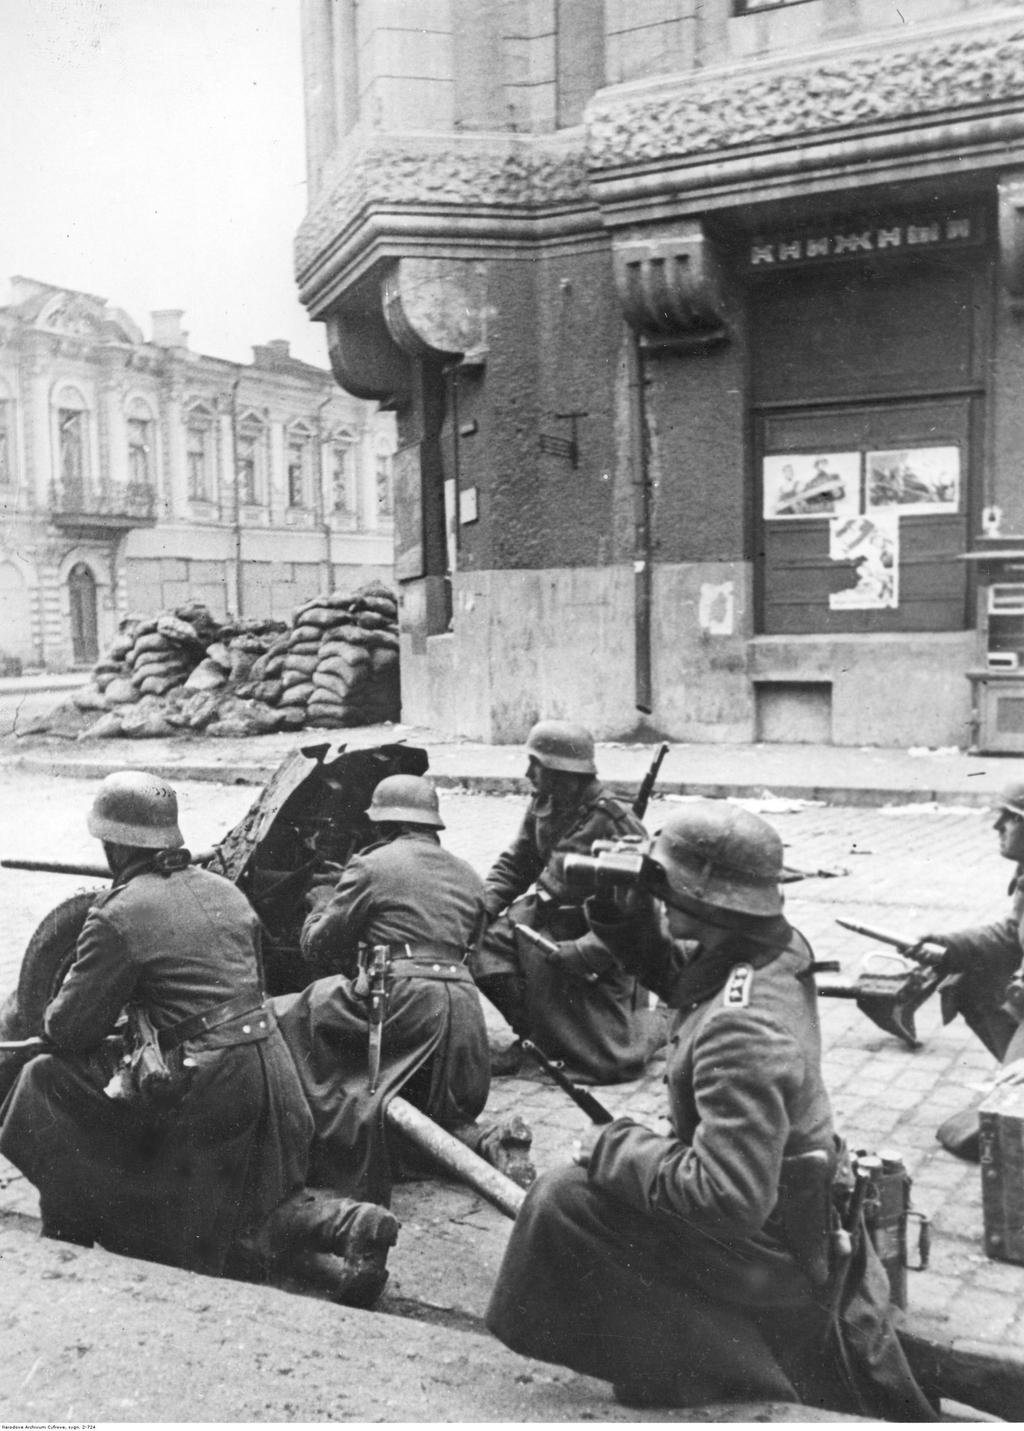 A képen is látható Pak 36 könnyű páncéltörő löveg nem volt alkalmas a korszerű szovjet harckocsik frontpáncélzata ellen #moszkvater